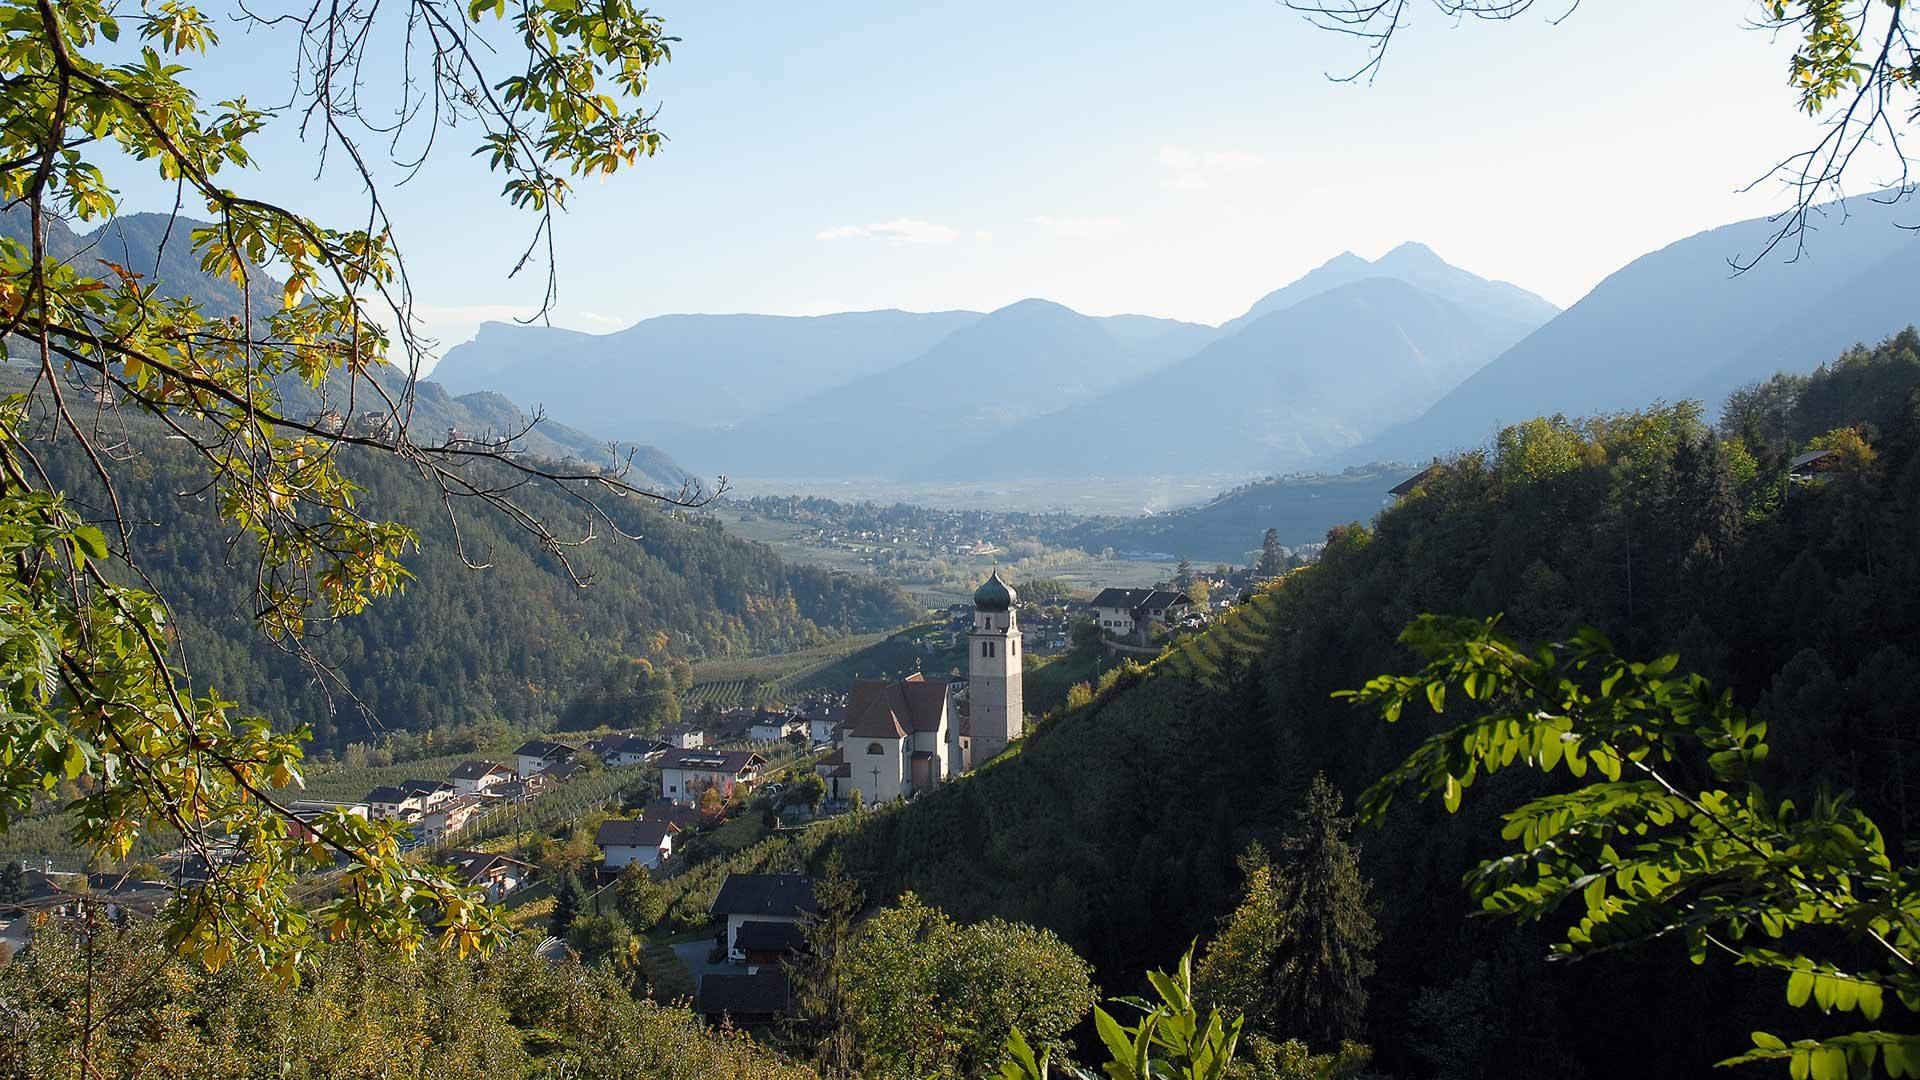 Rundwanderung zum Berggasthof Walde